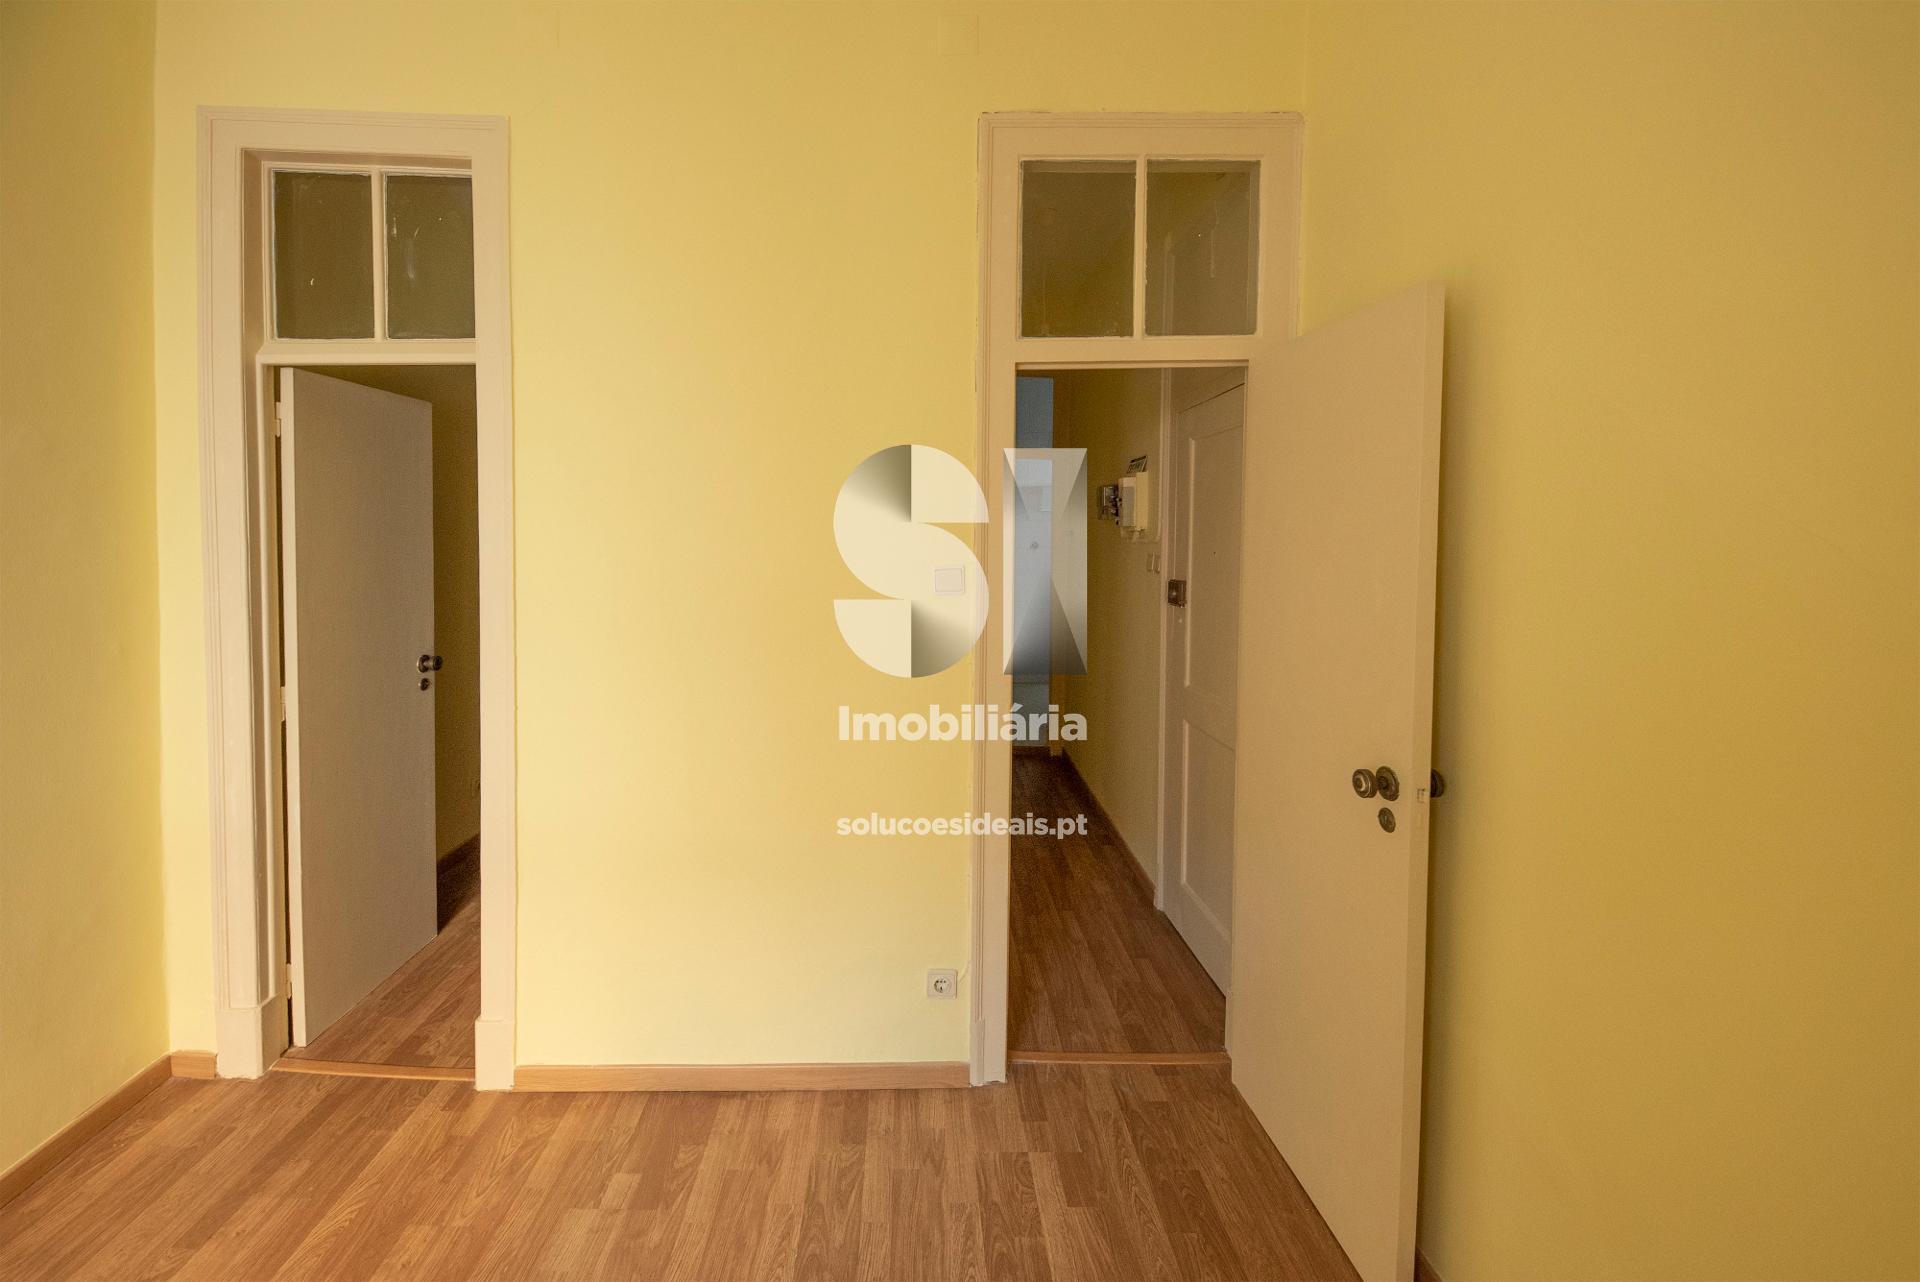 Acesso ao quarto e corredor